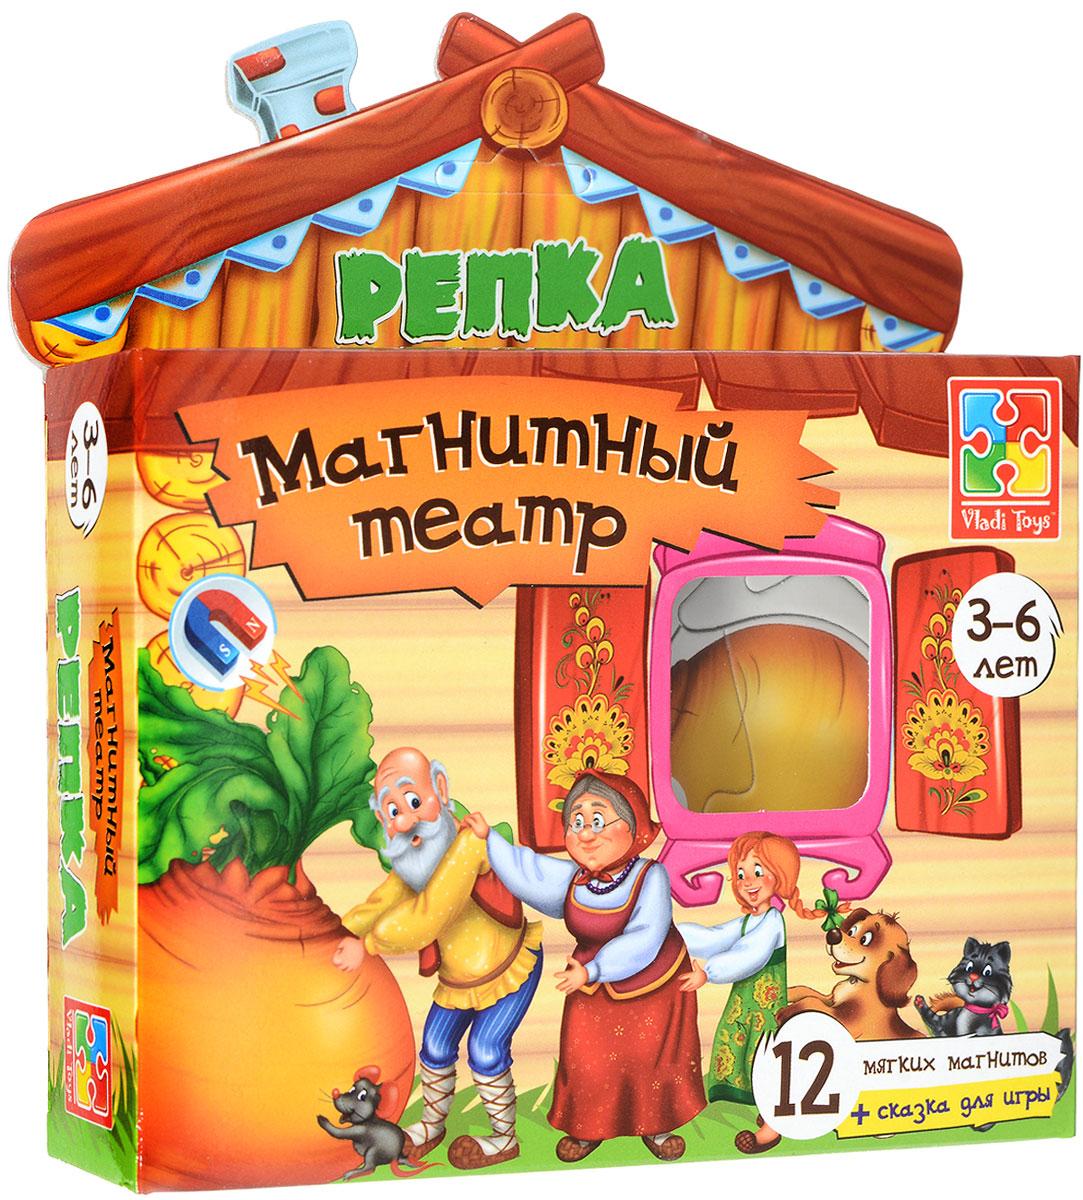 Vladi Toys Магнитный кукольный театр РепкаVT3206-07Магнитный кукольный театр Vladi Toys Репка - это прекрасная возможность для малыша творить и создавать свои собственные сюжеты! Любимая сказка на холодильнике - что может быть интереснее и удобнее! Поставить настоящий спектакль дома теперь легко и просто! Магнитному театру не нужна большая сцена и огромные декорации - играть можно просто на холодильнике или на магнитном планшете. В такой сюжетно-ролевой игре проявляется характер и творческое самовыражение ребенка. В игру входят персонажи сказки и декорации. Все элементы - мягкие и толстенькие, такими магнитами удобно пользоваться. Также в состав игры входит сказка-сценарий!